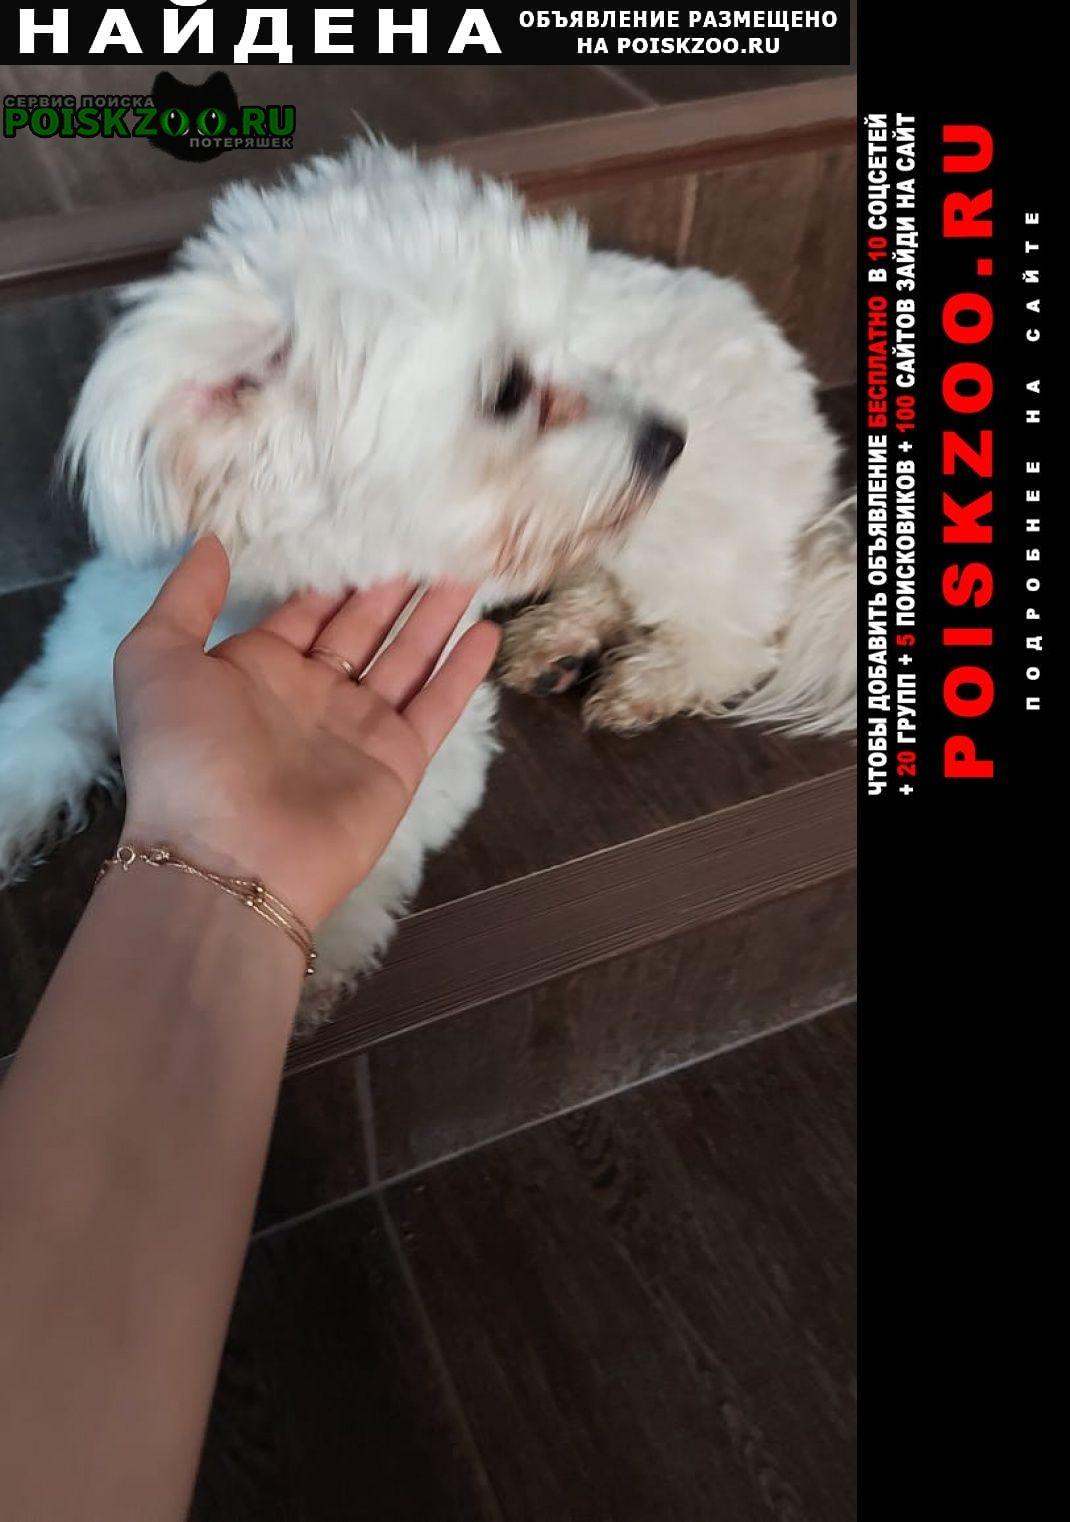 Найдена собака Славянск-на-Кубани